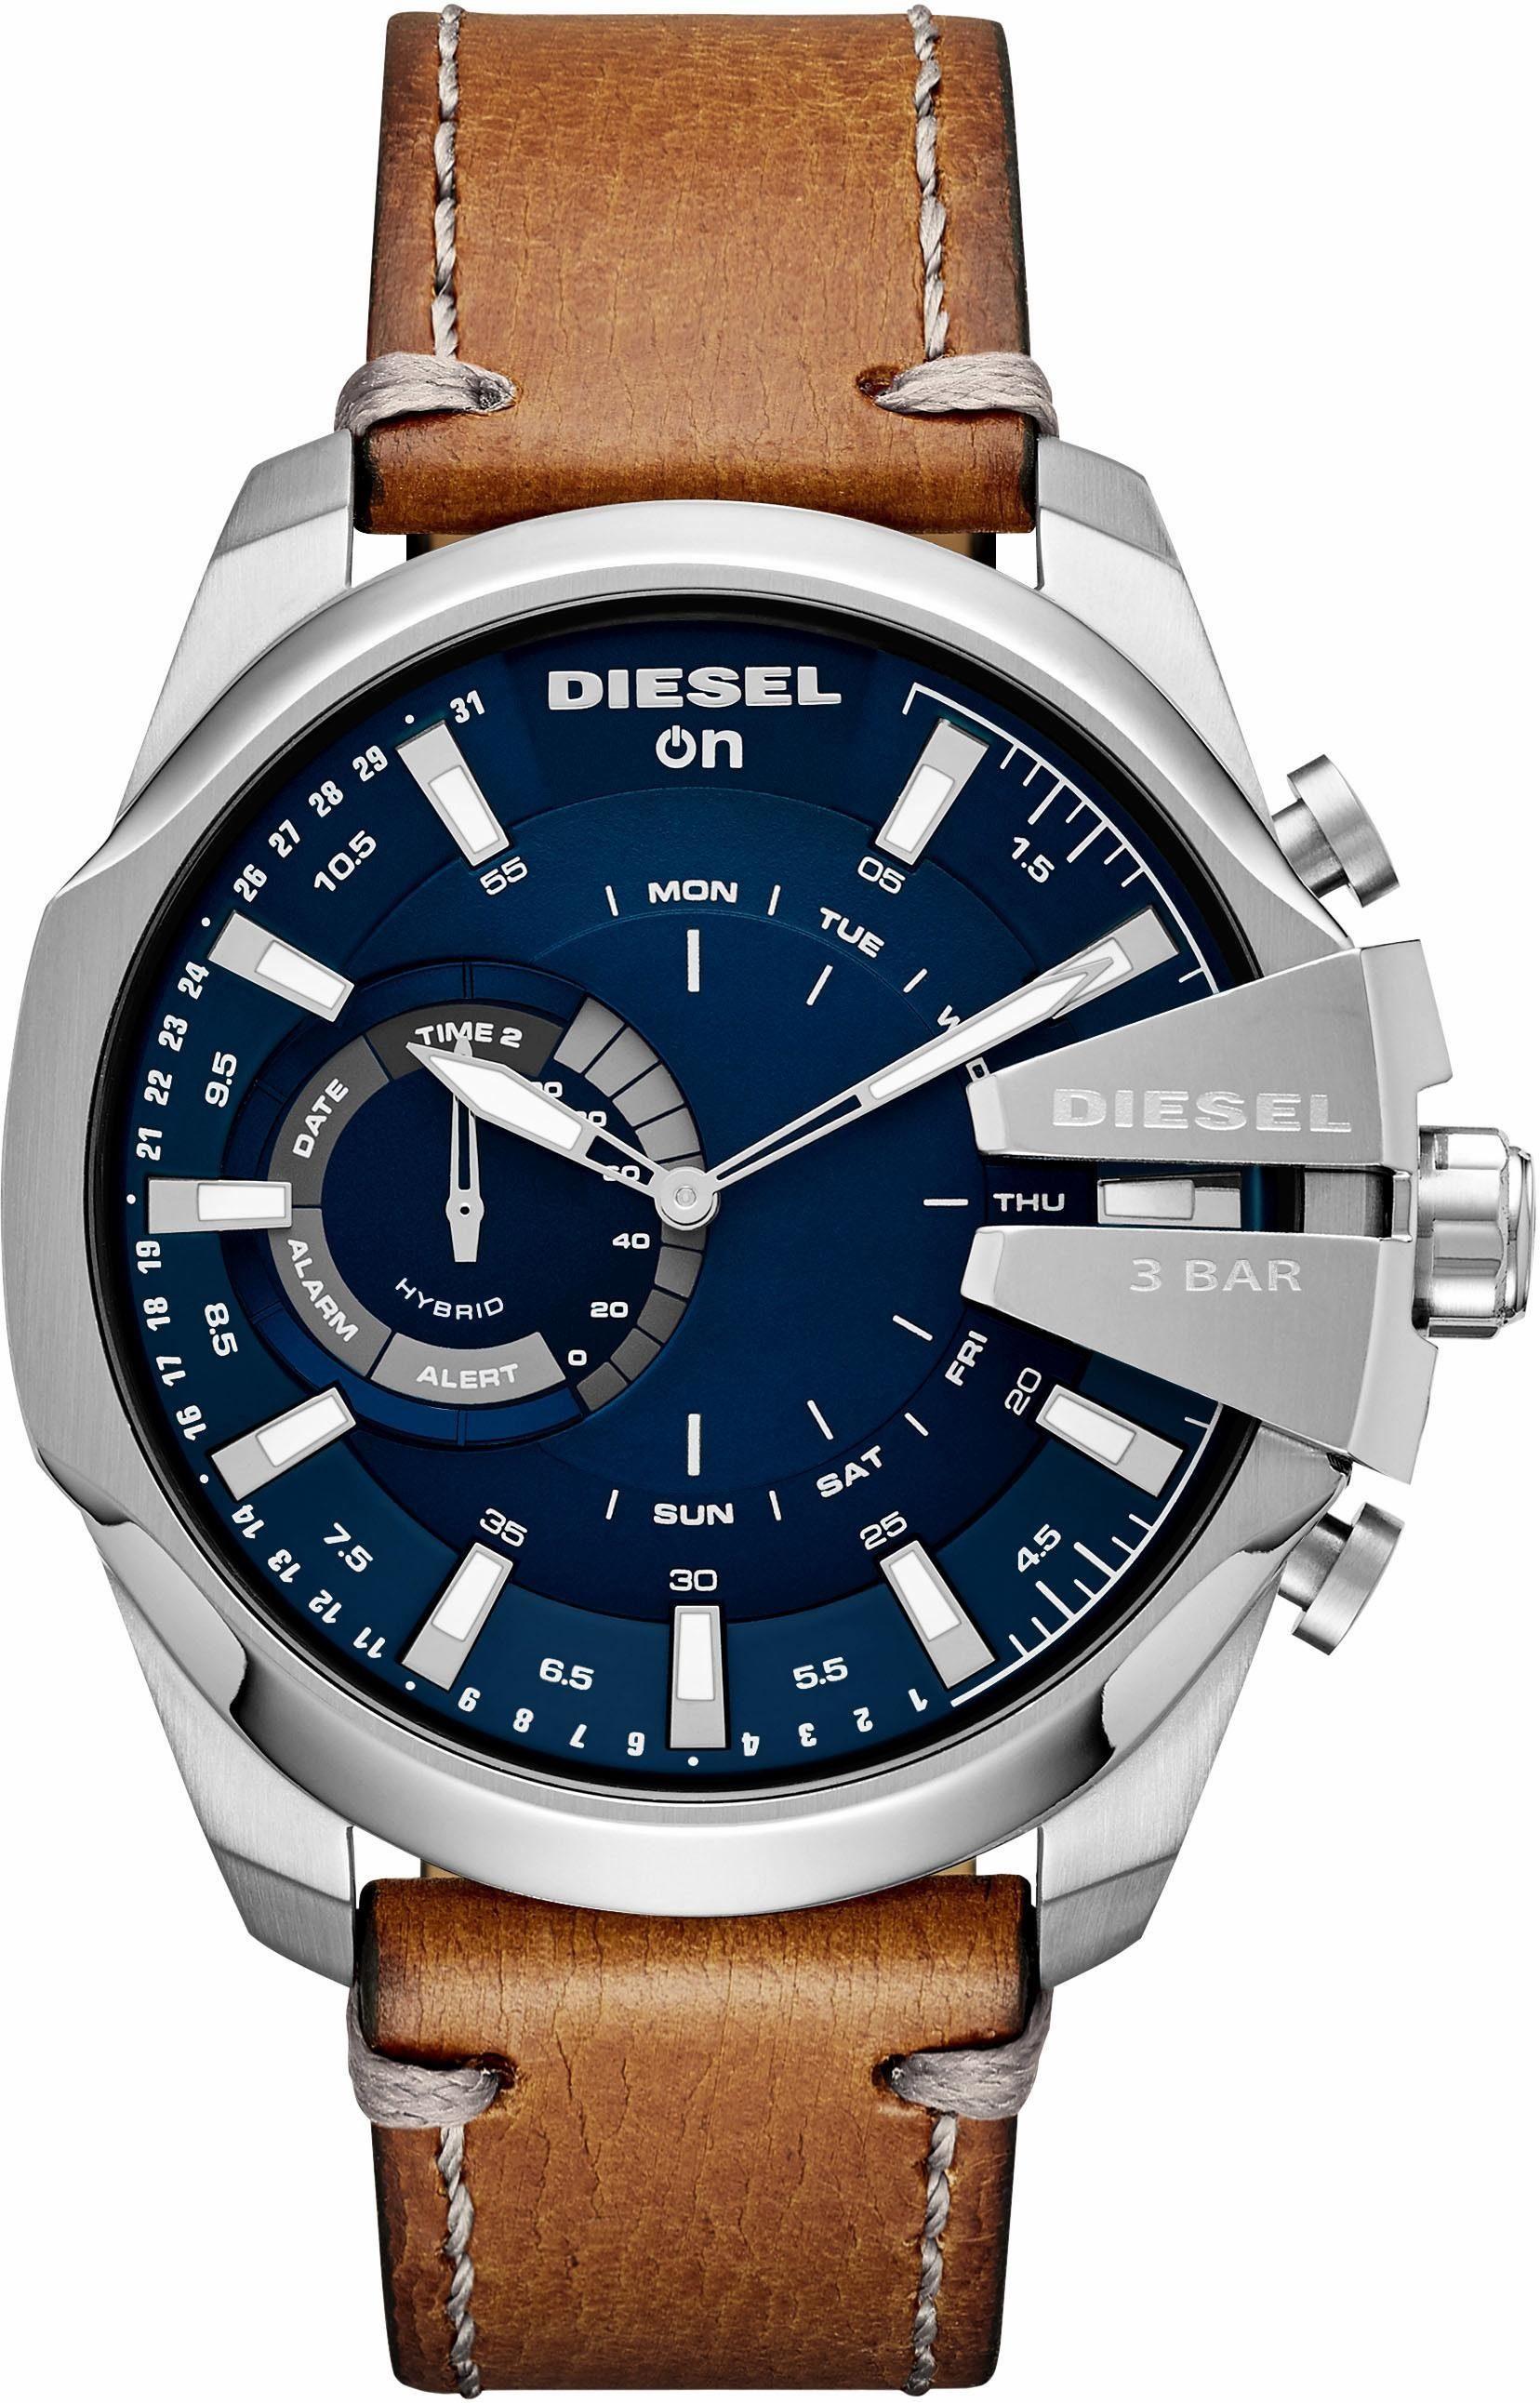 DIESEL ON MEGACHIEF, DZT1009 Smartwatch (Android Wear)